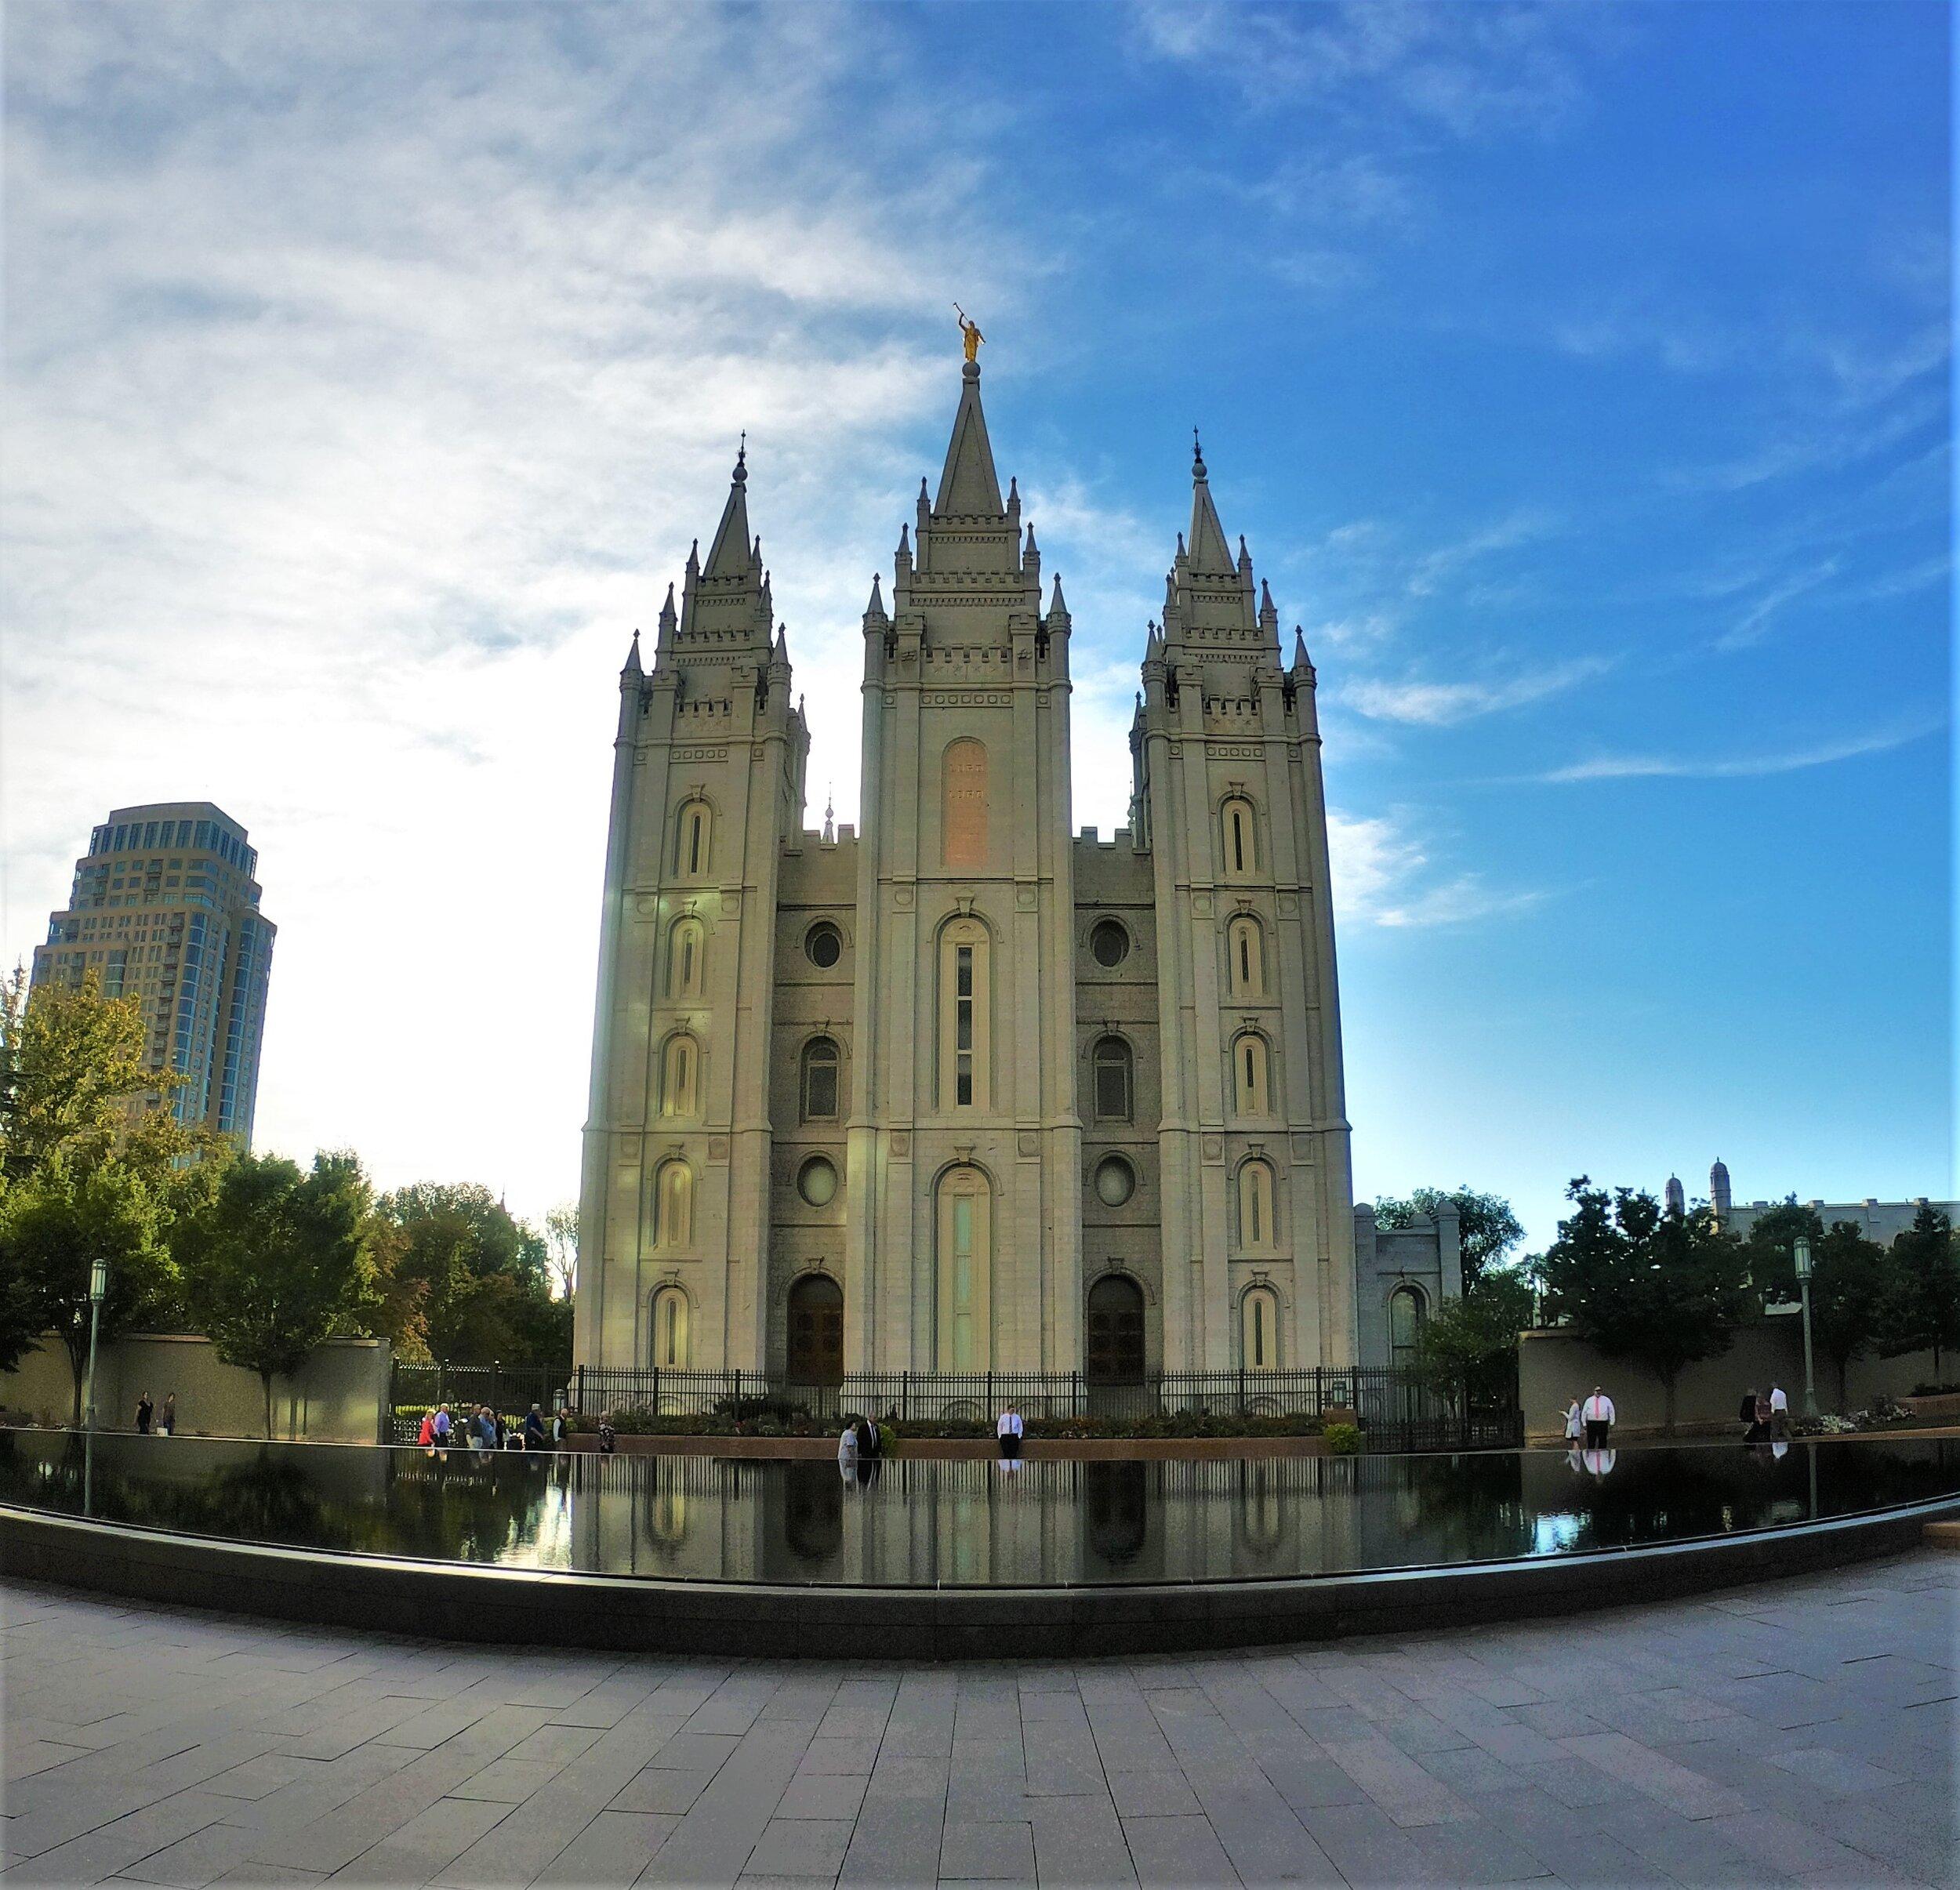 Mormom Temple in Salt Lake City, Utah